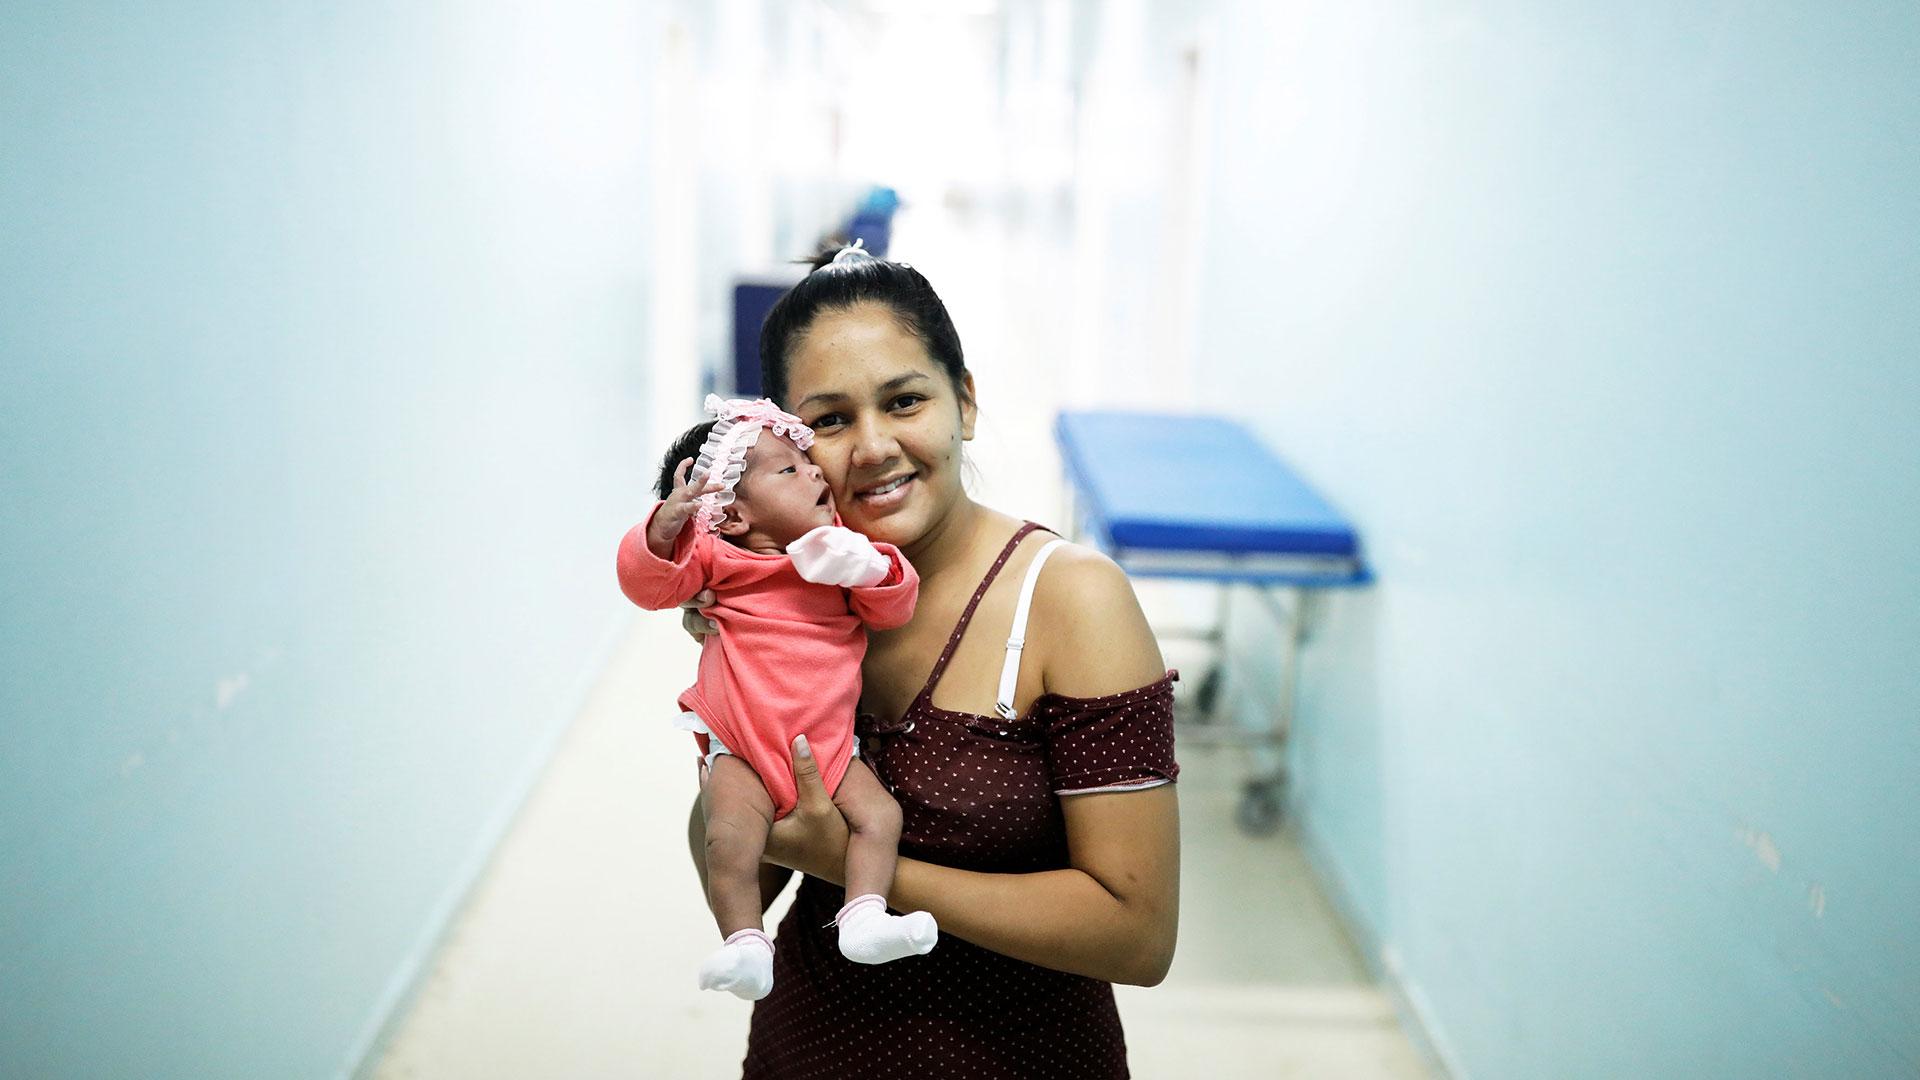 Irene, 23, una venezolana de la ciudad de Santa Elena, sostiene a su bebé Ashlei, de seis días